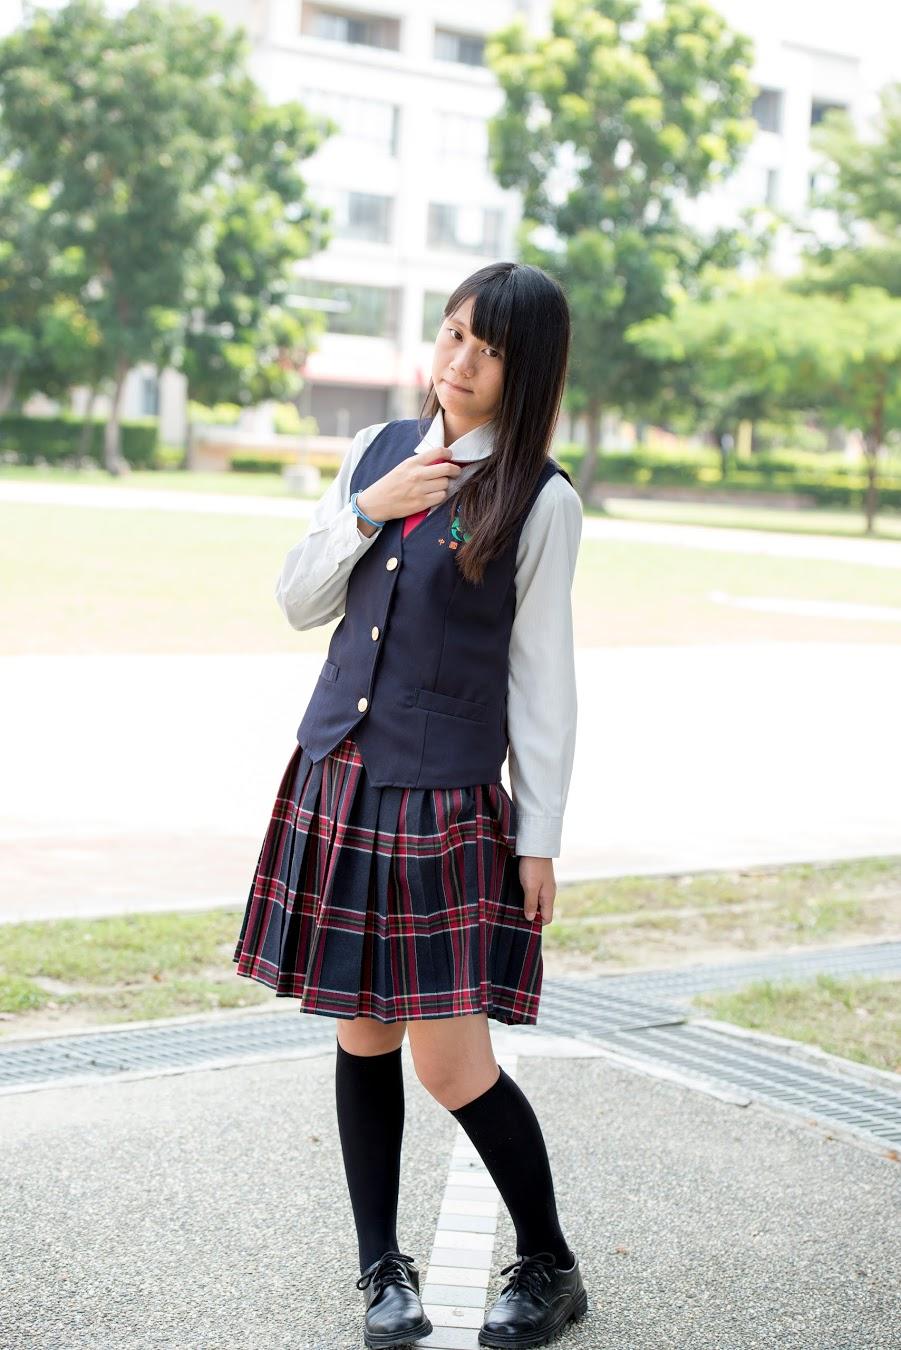 台南市 — 原台南縣地區各國中制服總結&最好看的8款制服